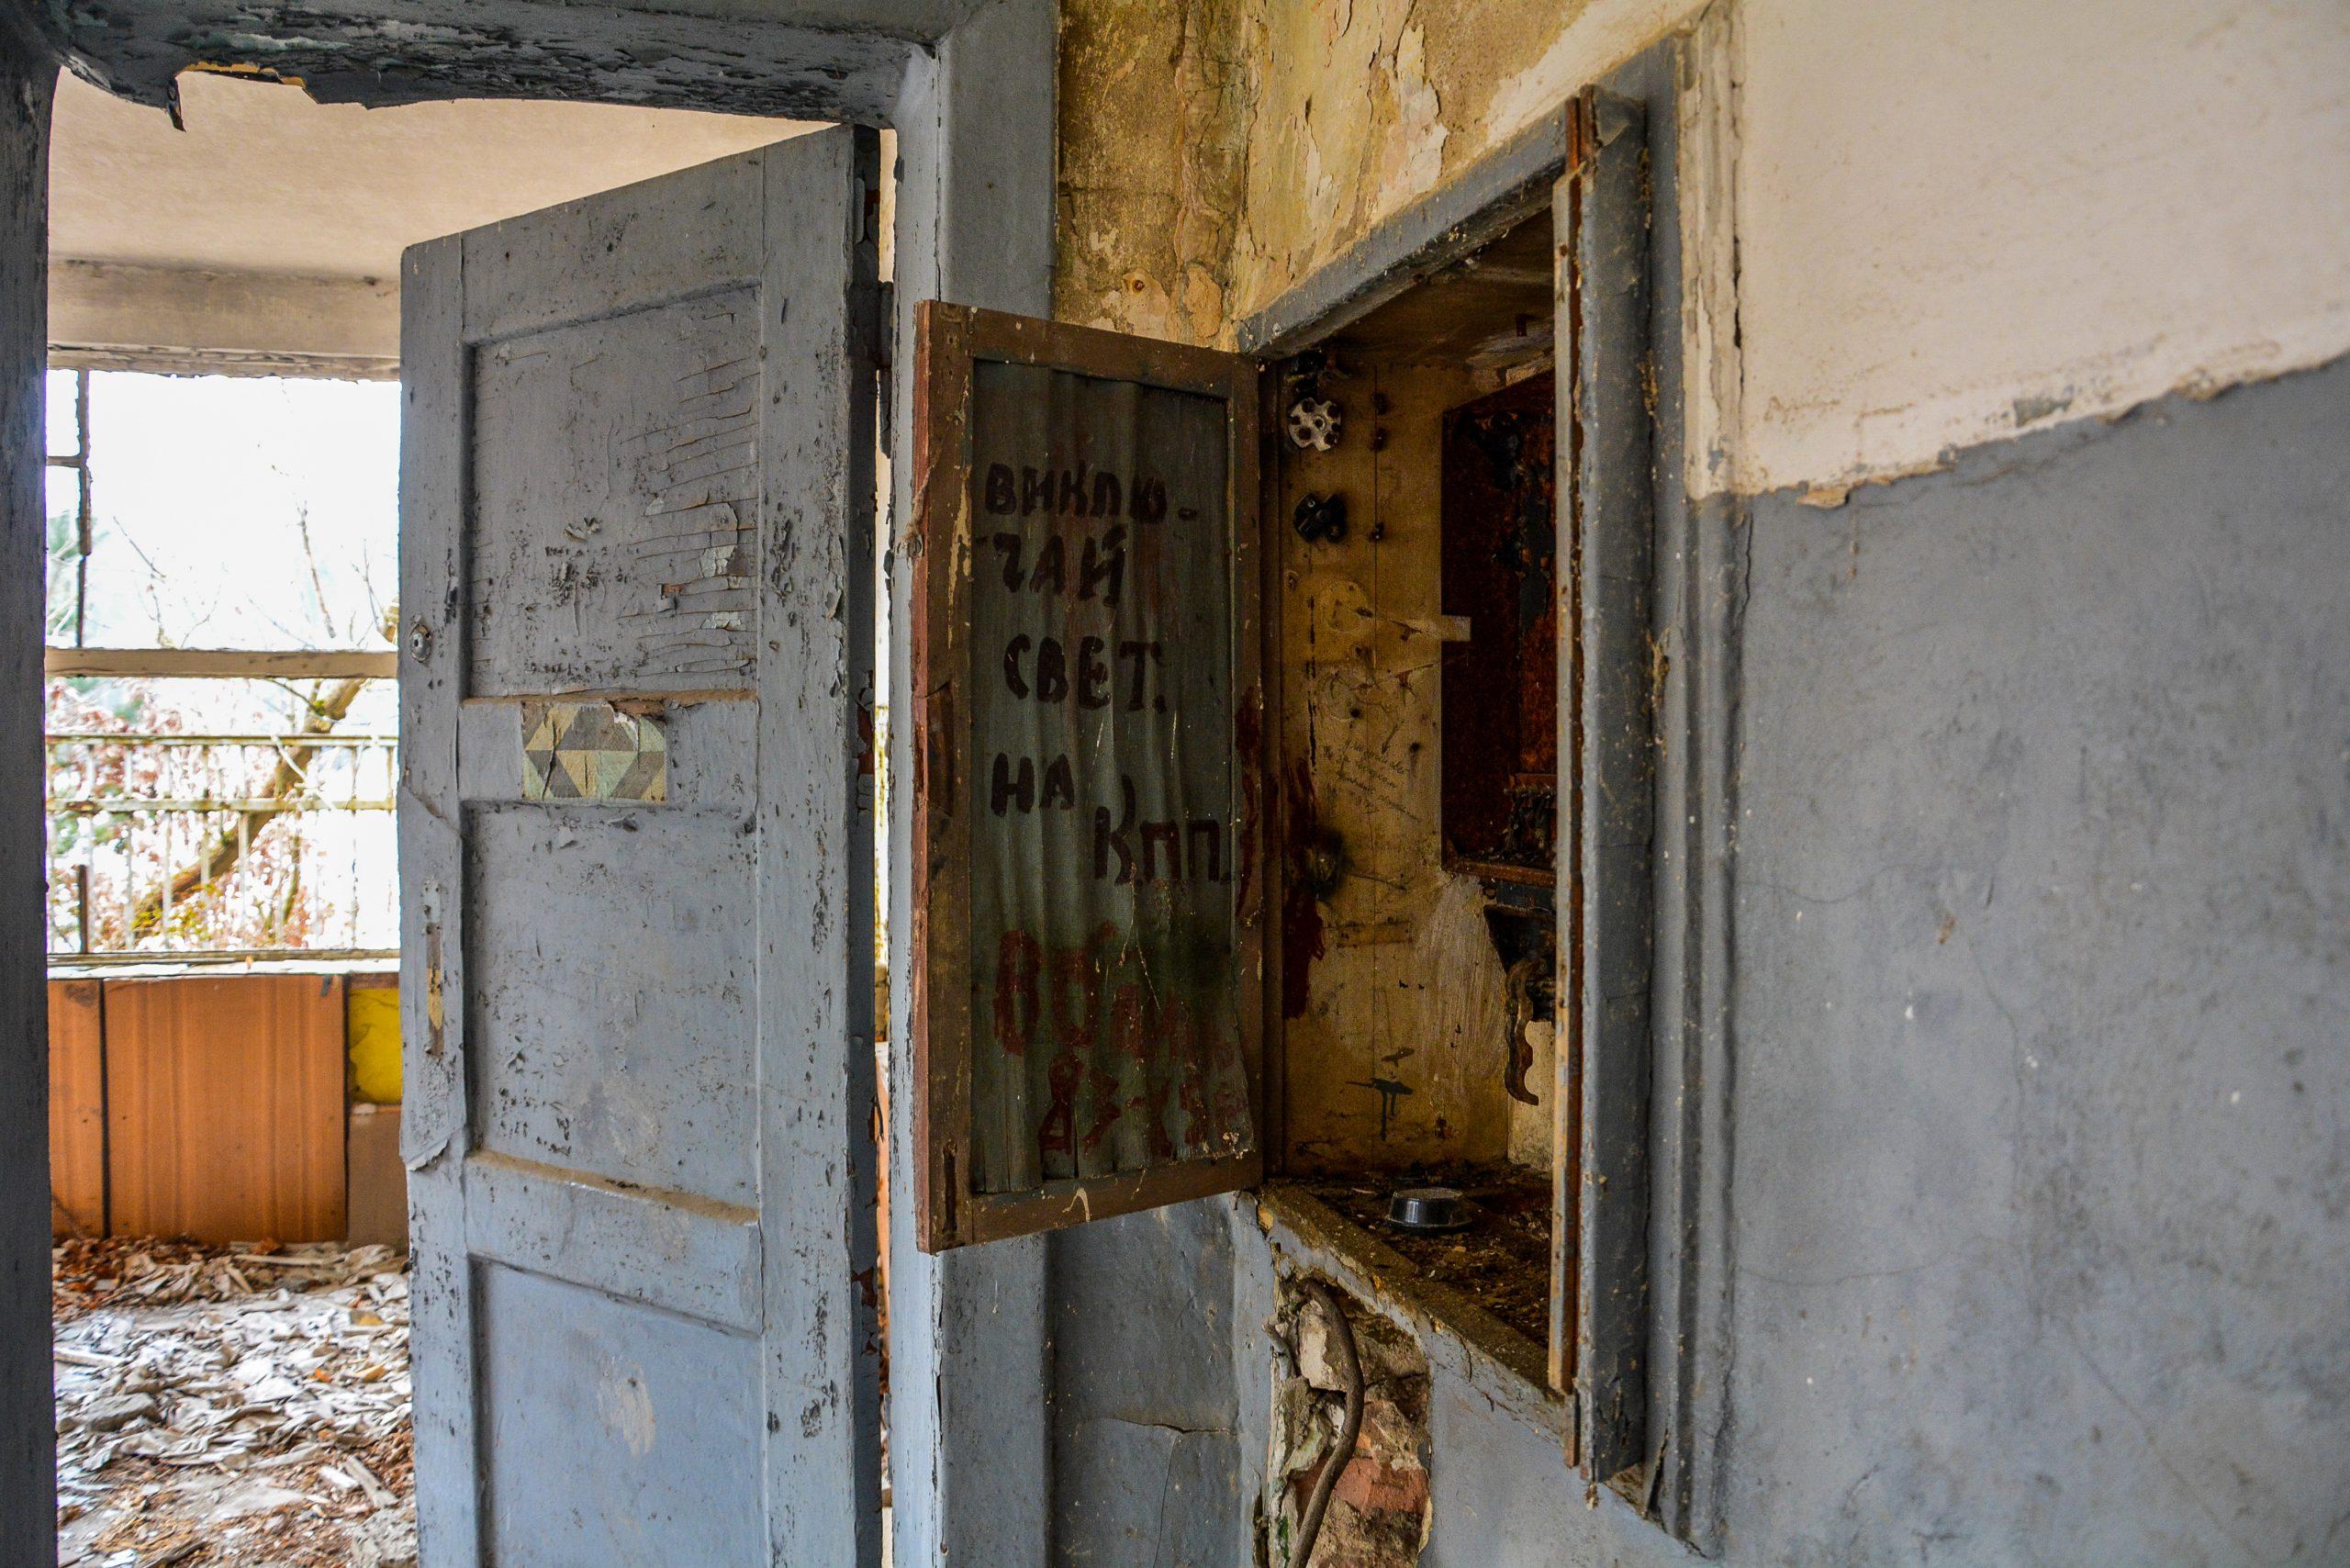 soviet fuse box sicherungskasten forst zinna adolf hitler lager luckenwalde juterbog sowjet kaserne soviet military barracks germany lost places urbex abandoned